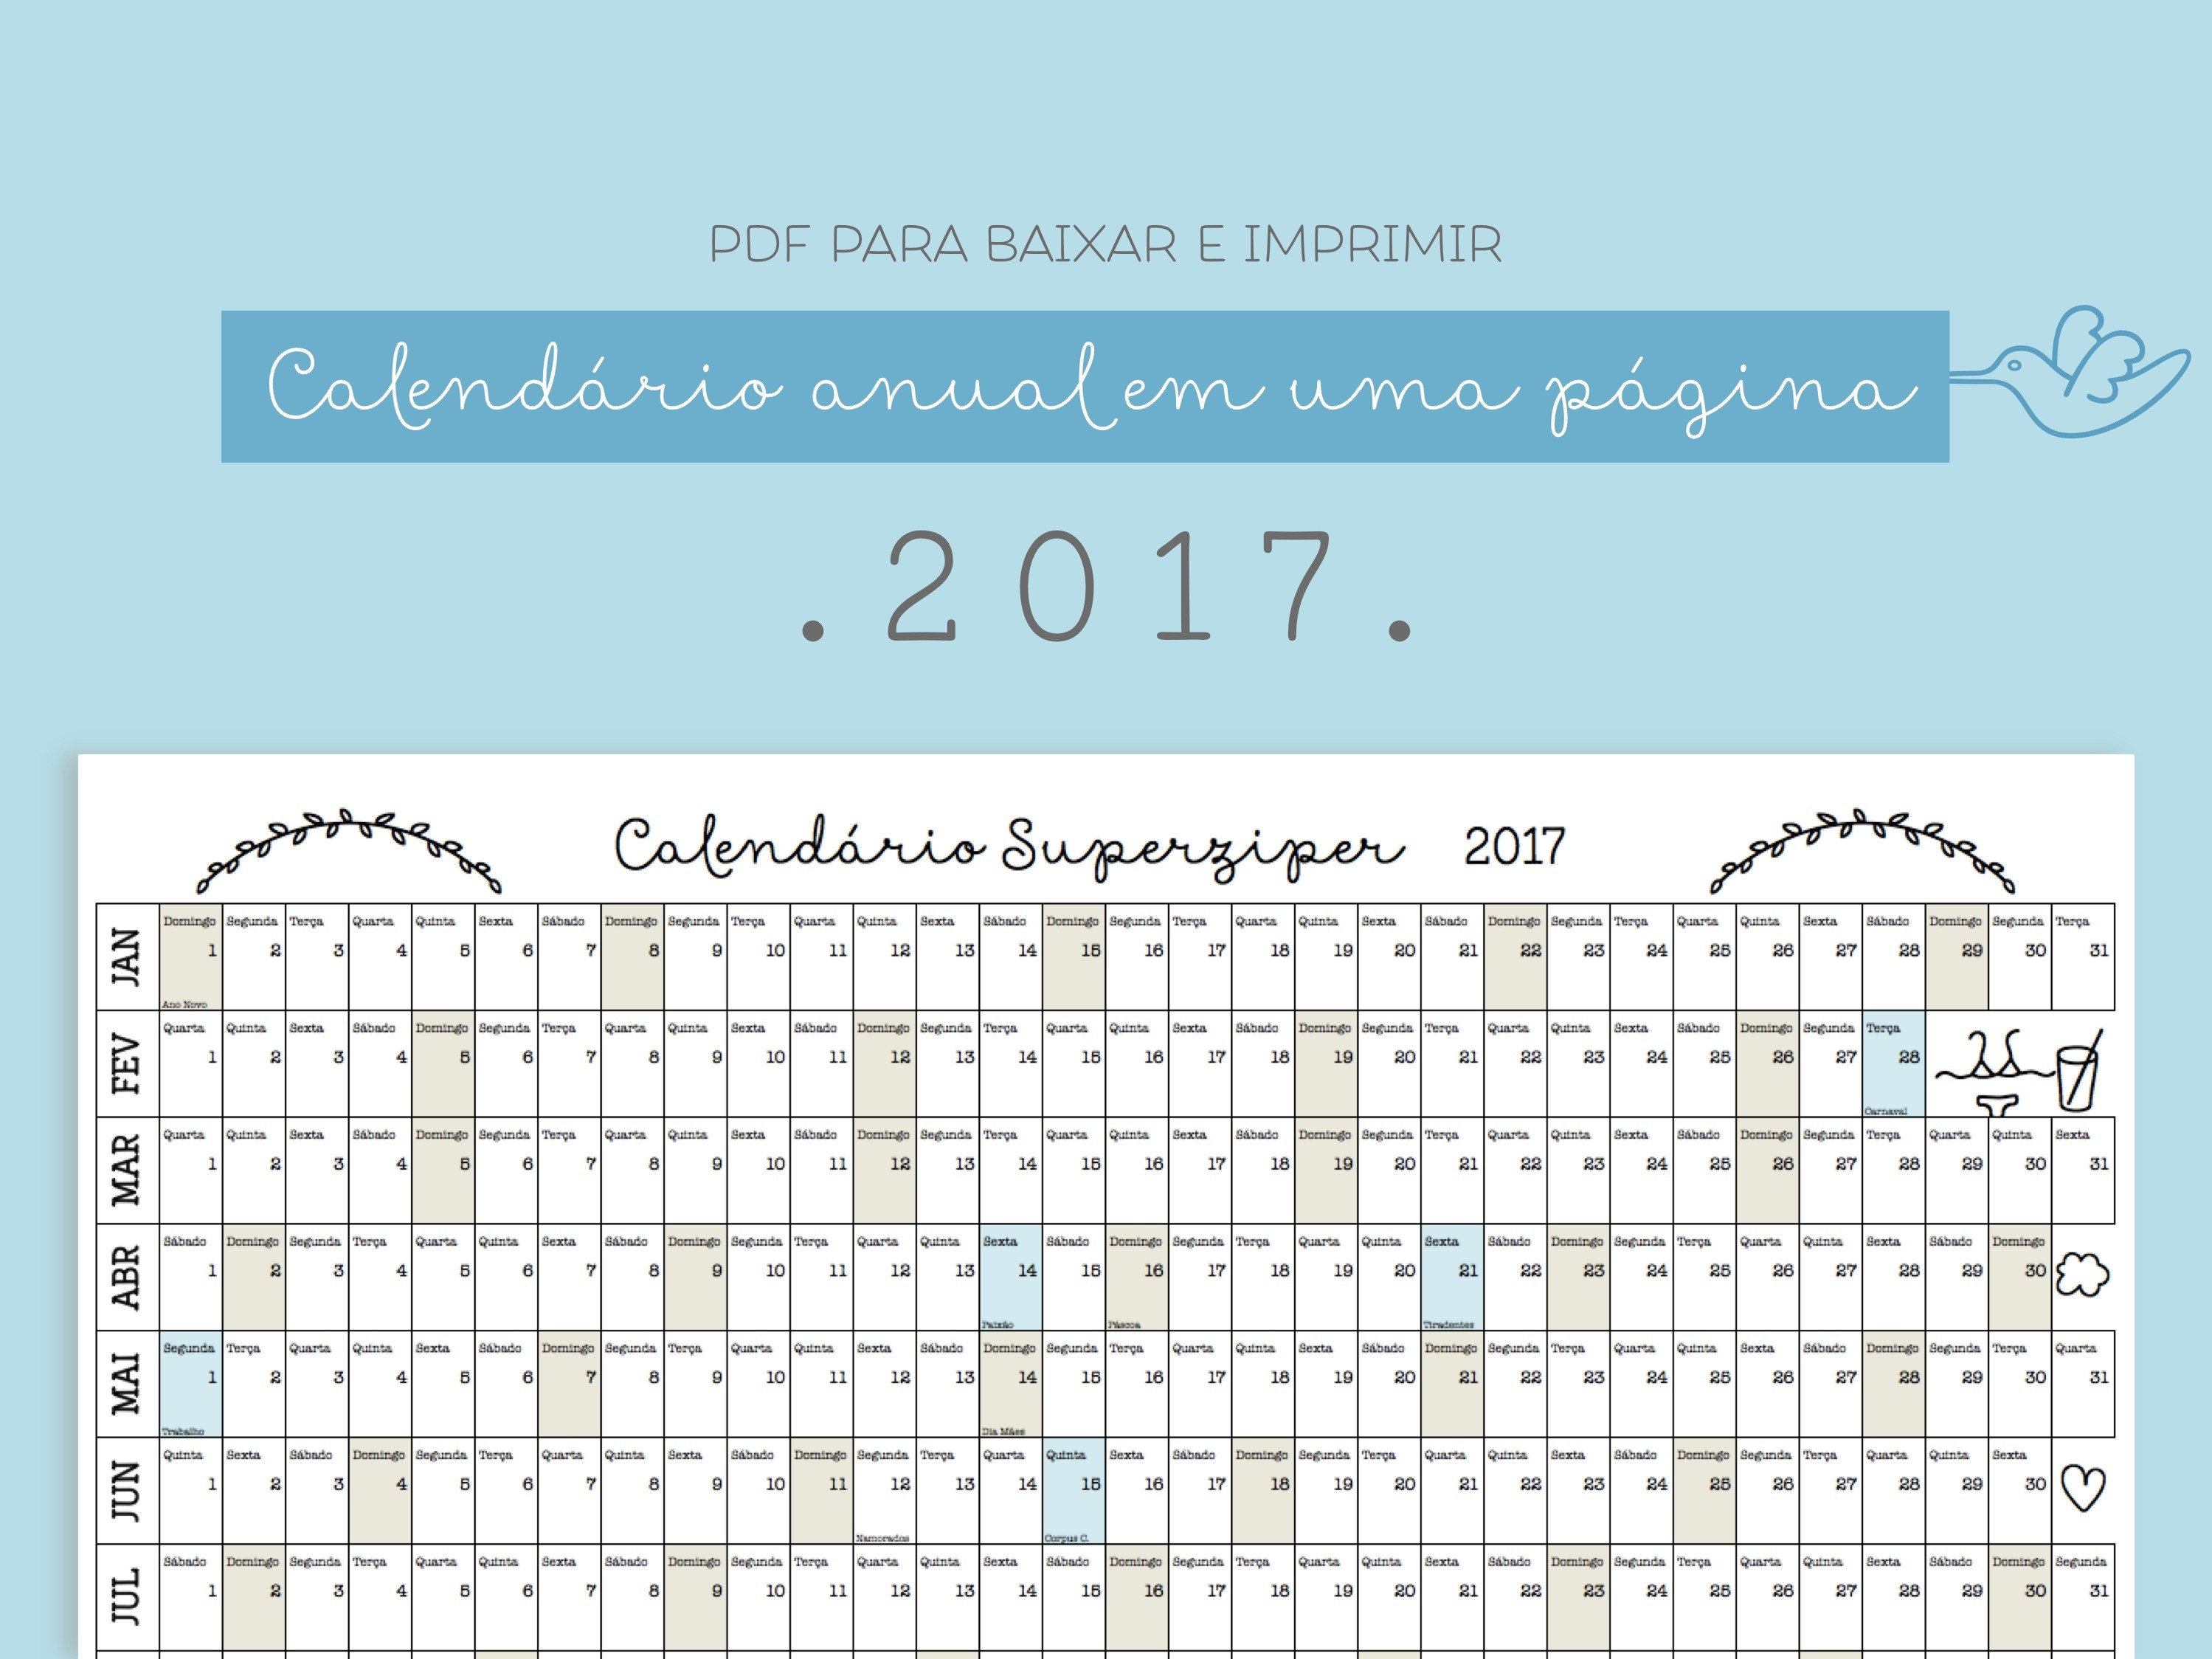 Acabamos criando aqui no Superziper uma tradi§£o de dividir vocªs o nosso calendário anual Eu Cláudia que n£o sou lá muito organizada